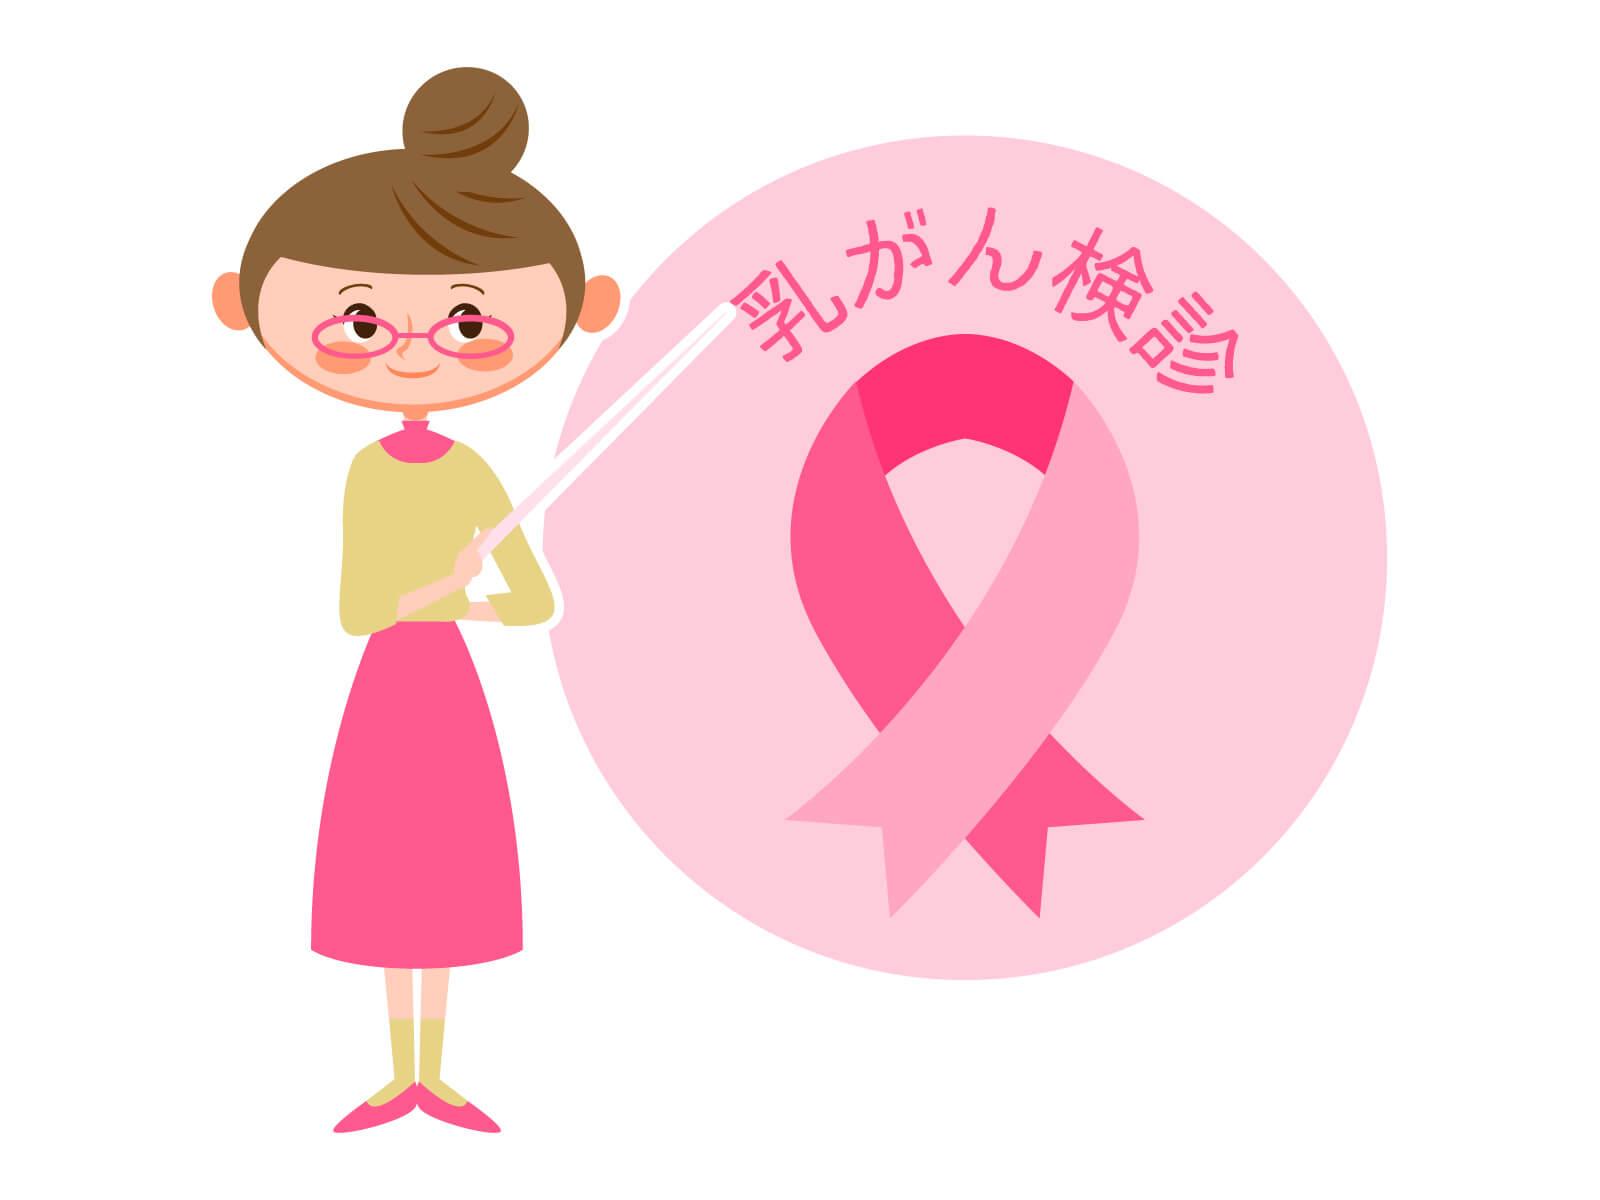 乳がんの再検査をしてきた!細胞診や費用についての体験談。